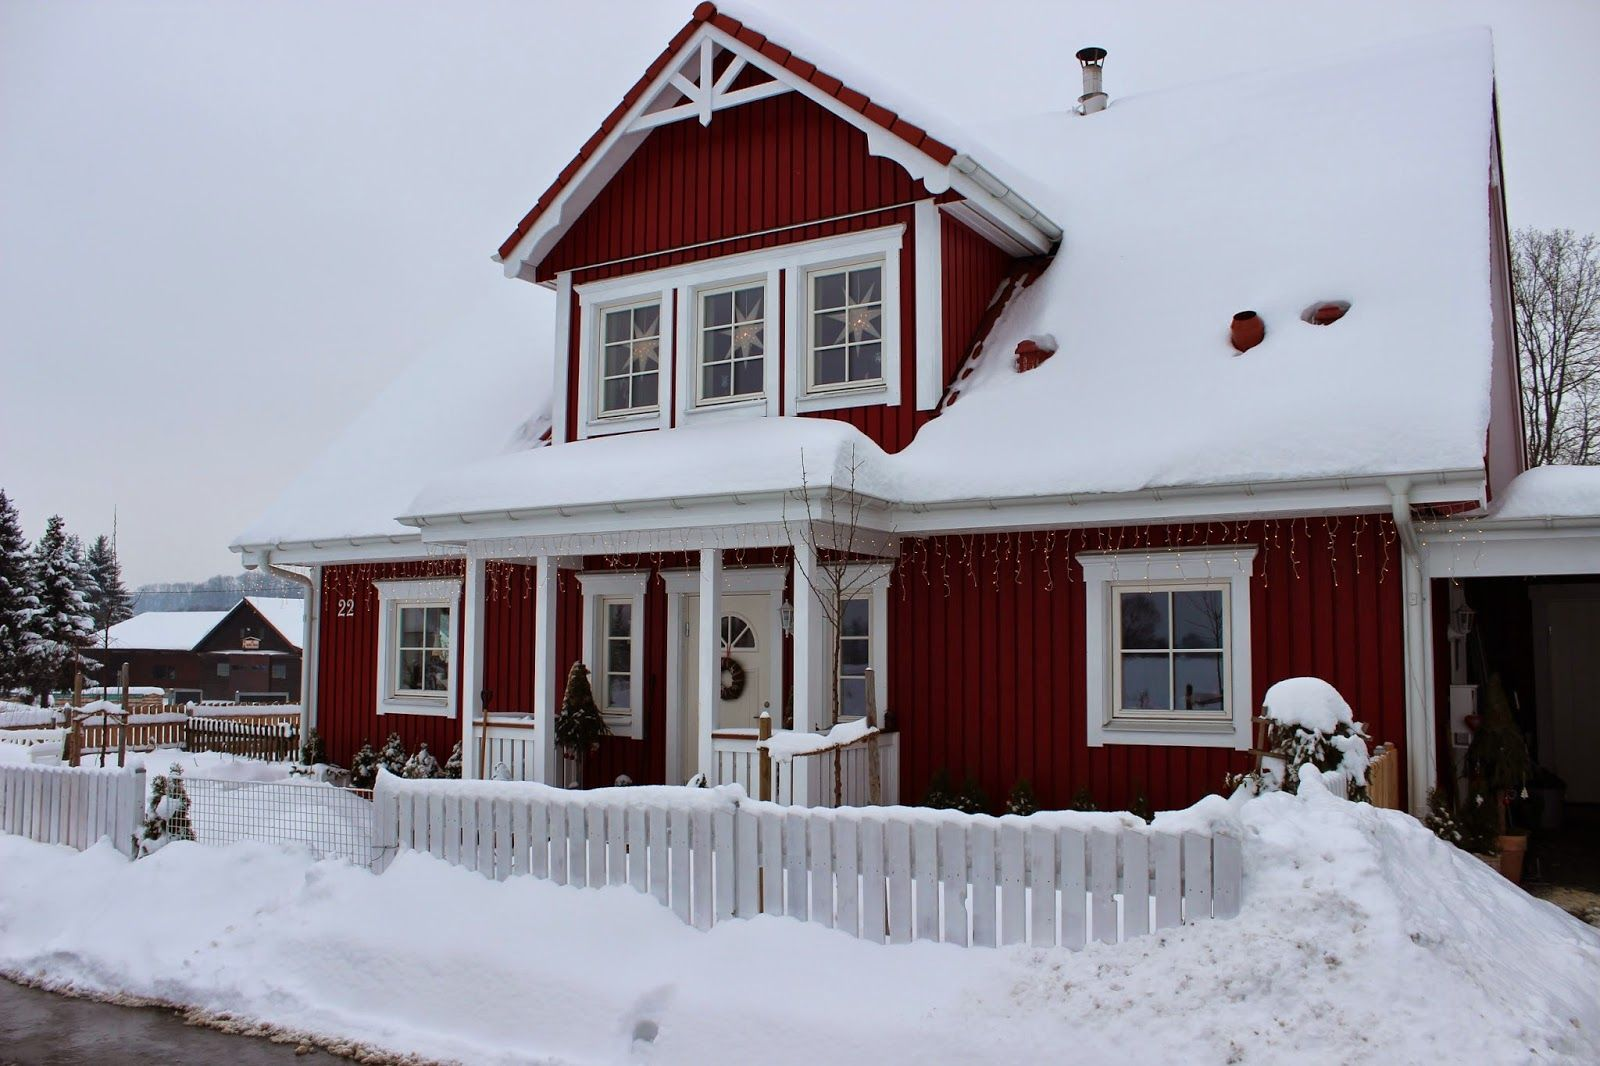 kleine lotta unser schwedenhaus haus schwedenh user. Black Bedroom Furniture Sets. Home Design Ideas